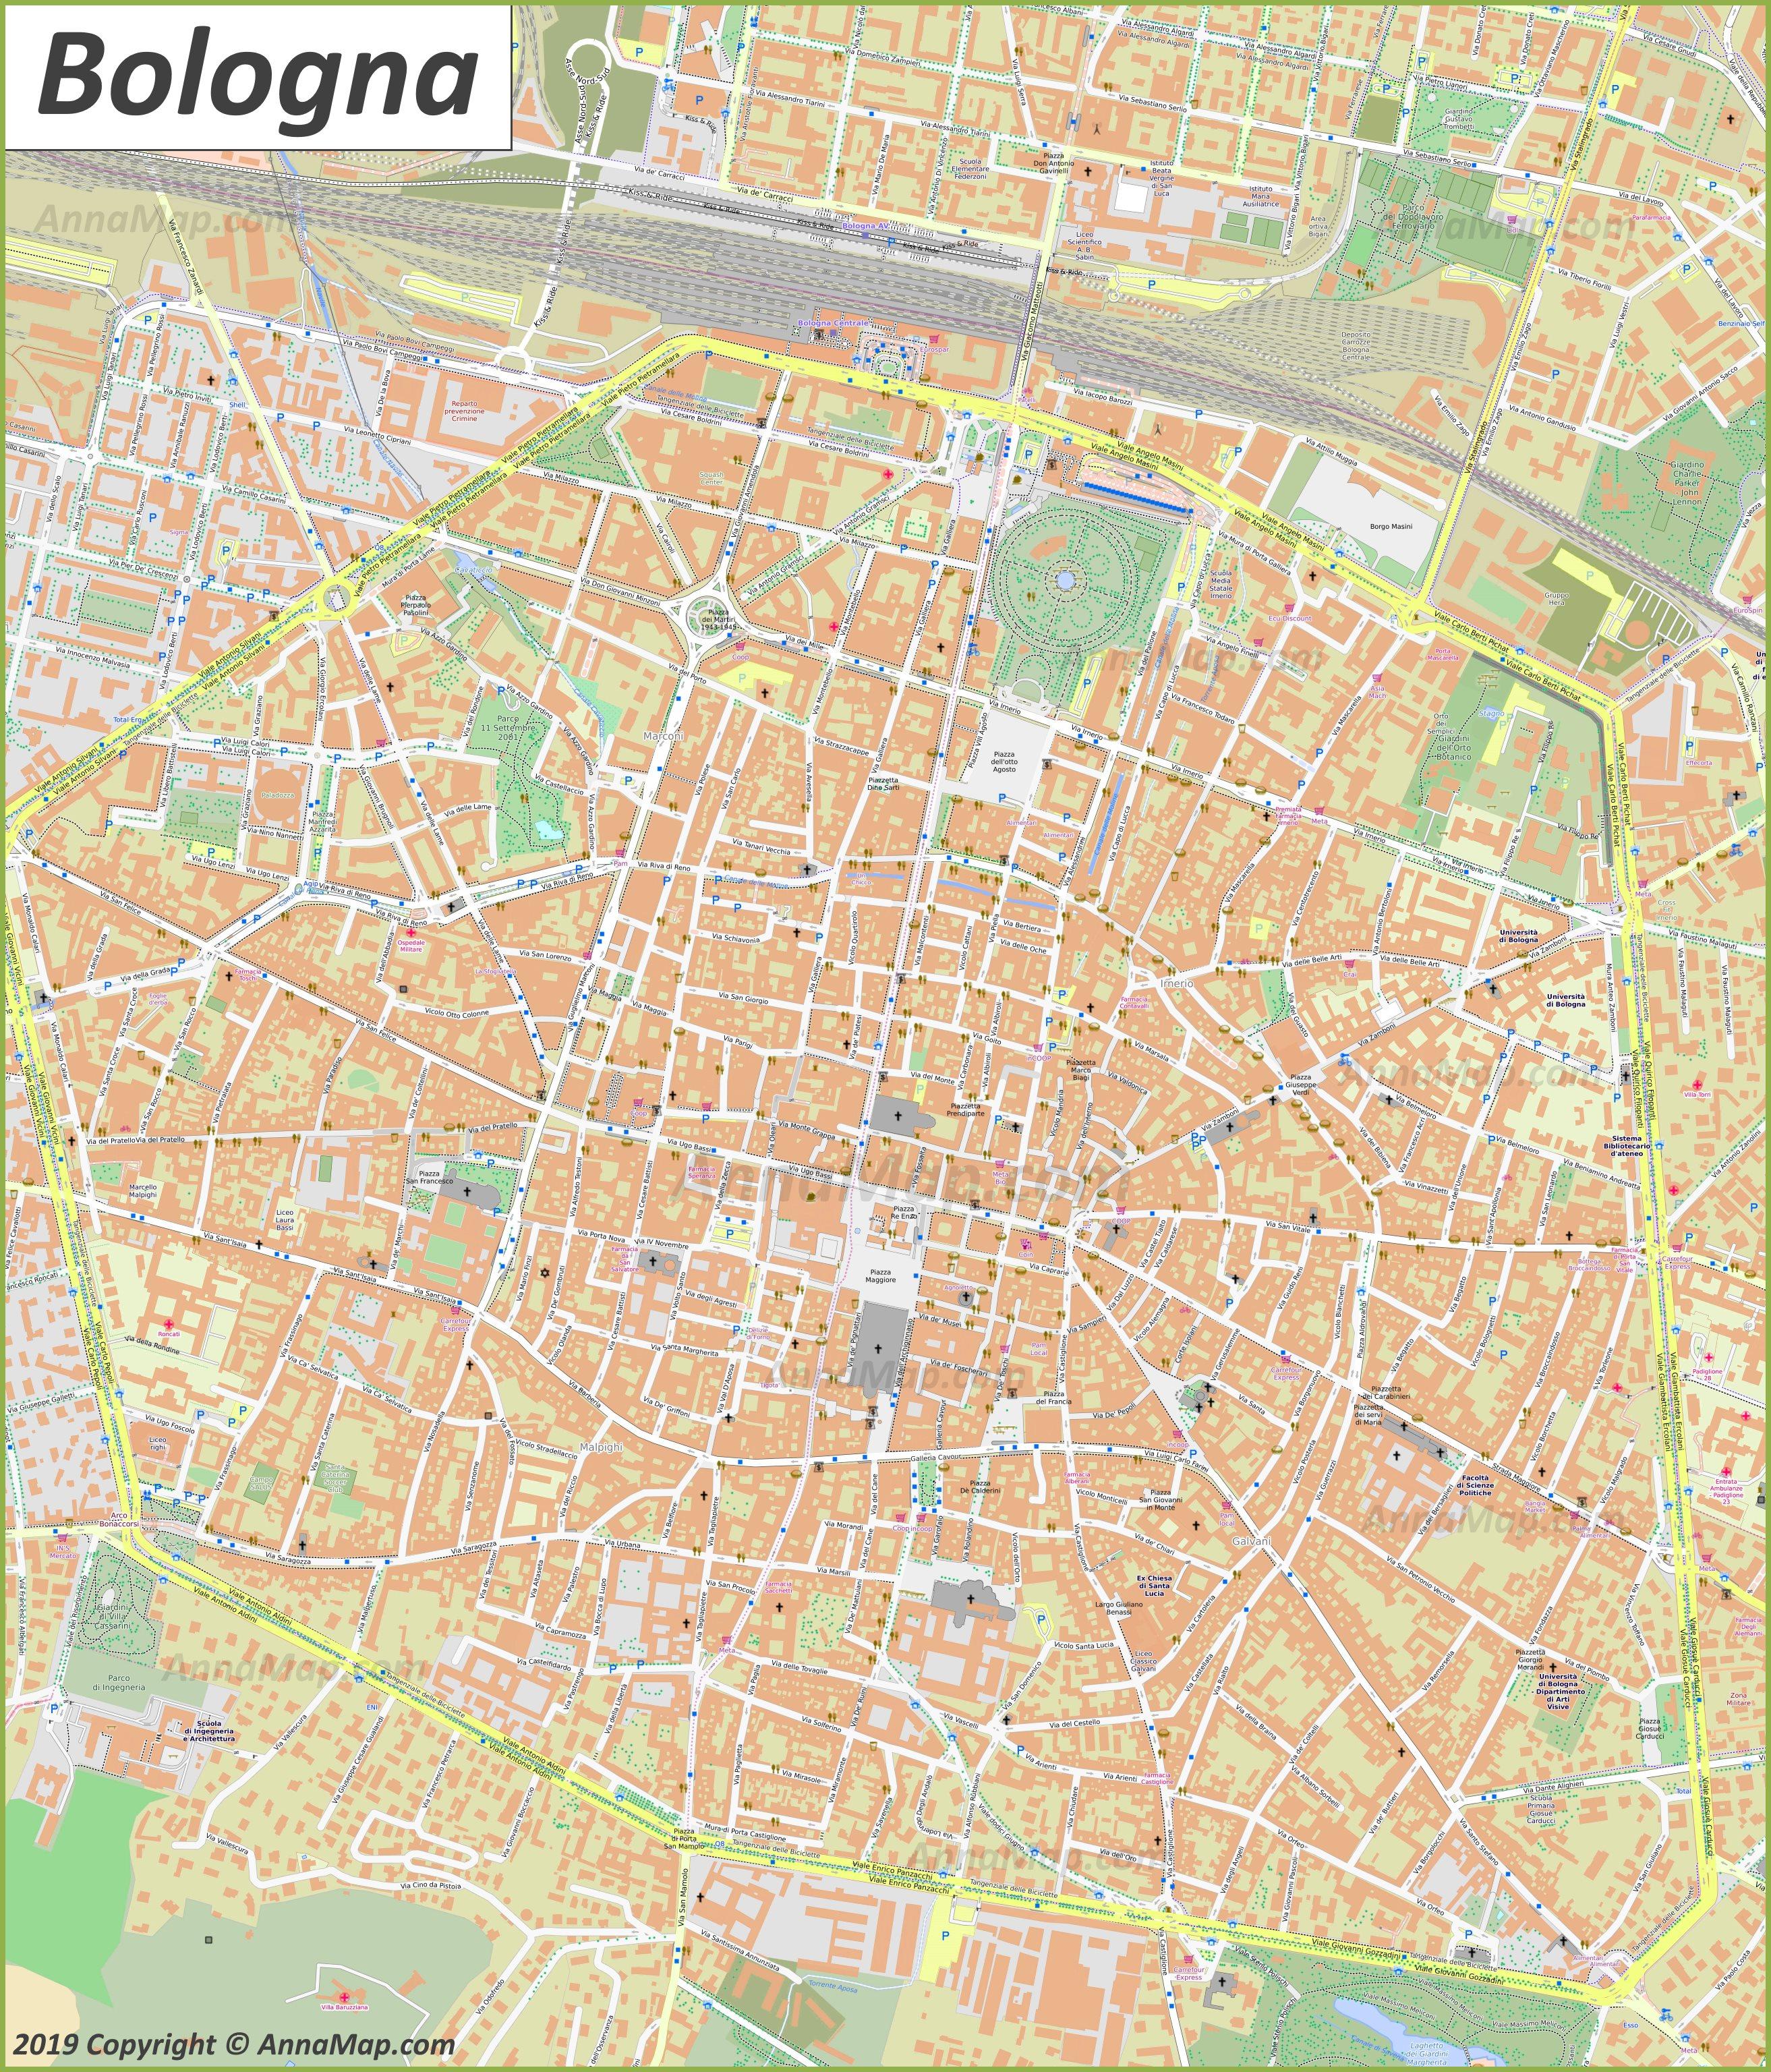 Detaillierte Touristische Stadtplan Von Bologna Italien